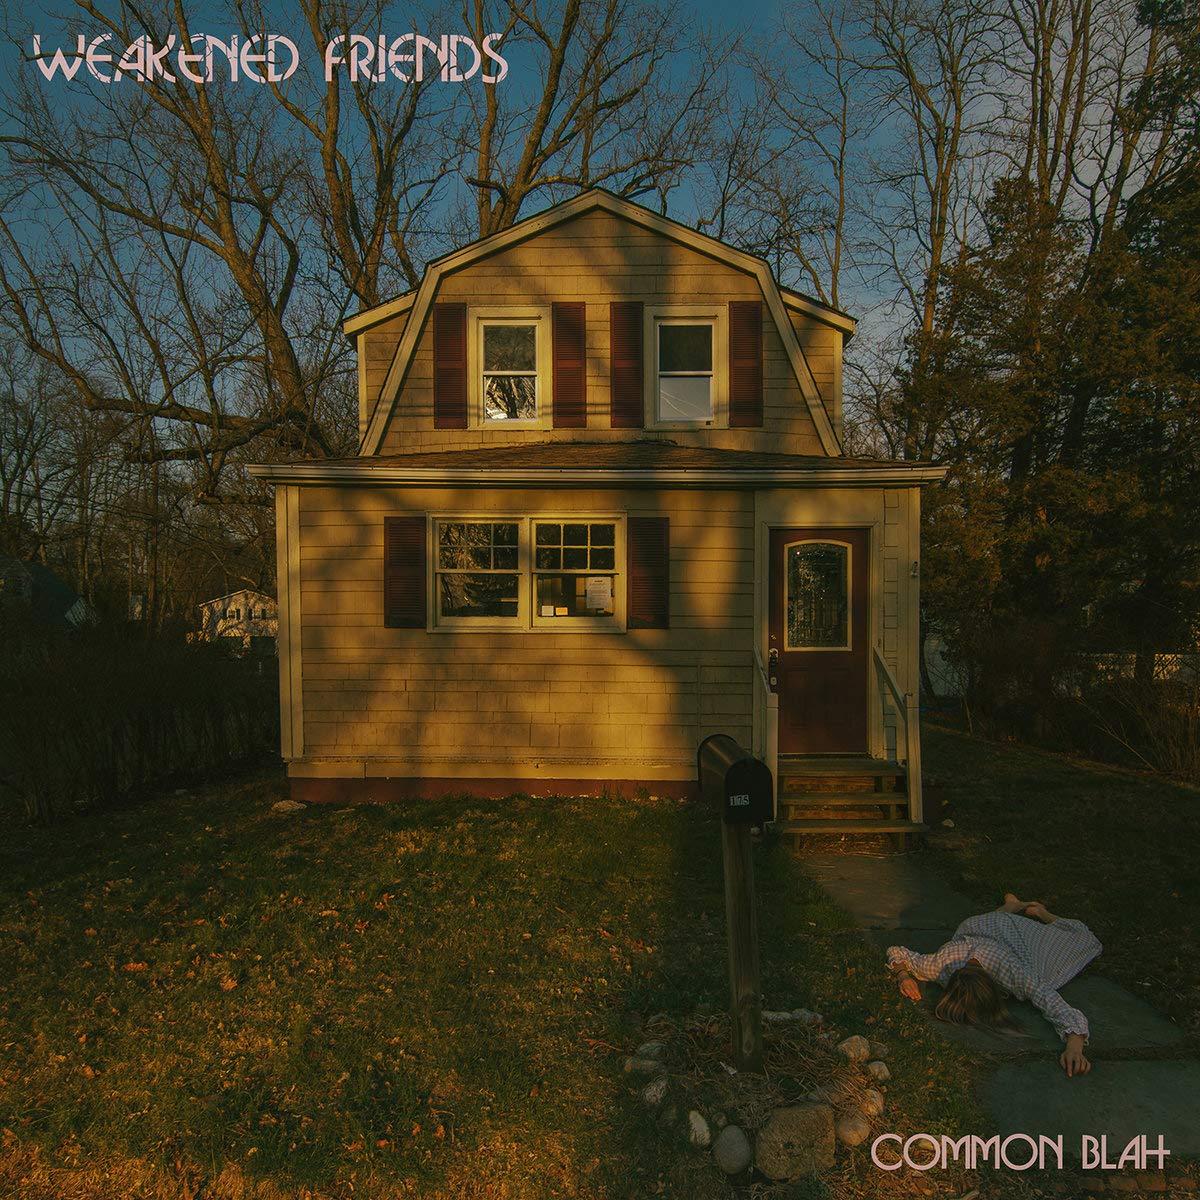 Buy Weakened Friends - Common Blah  New or Used via Amazon